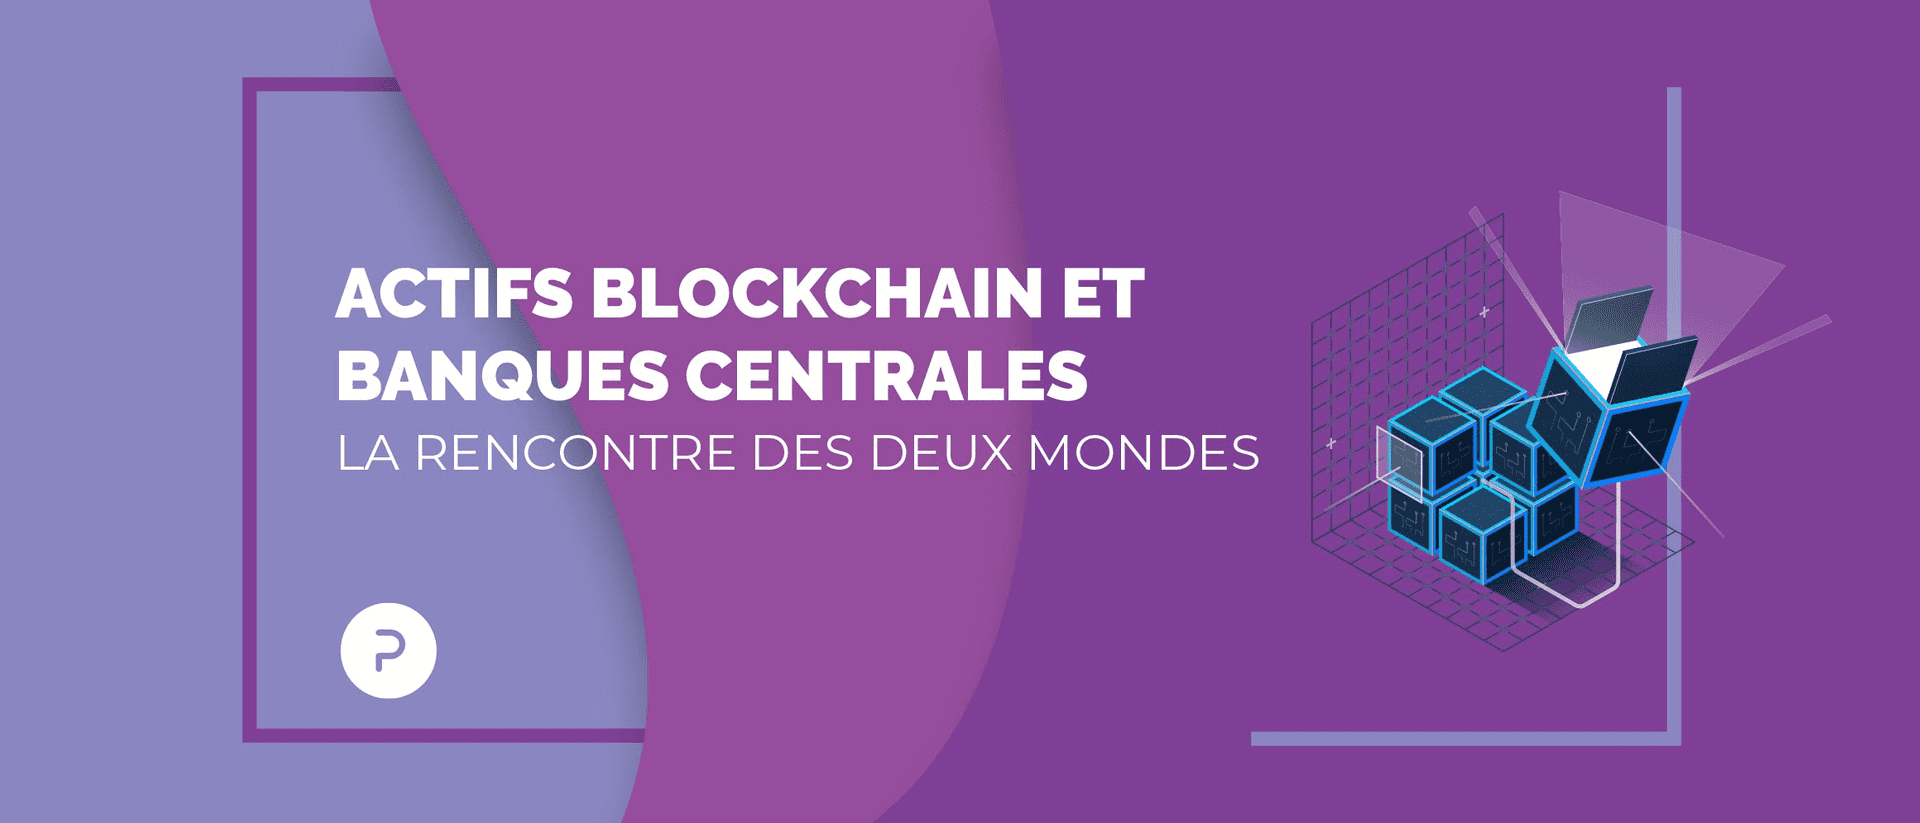 Actifs blockchain et banques centrales - la rencontre des deux mondes